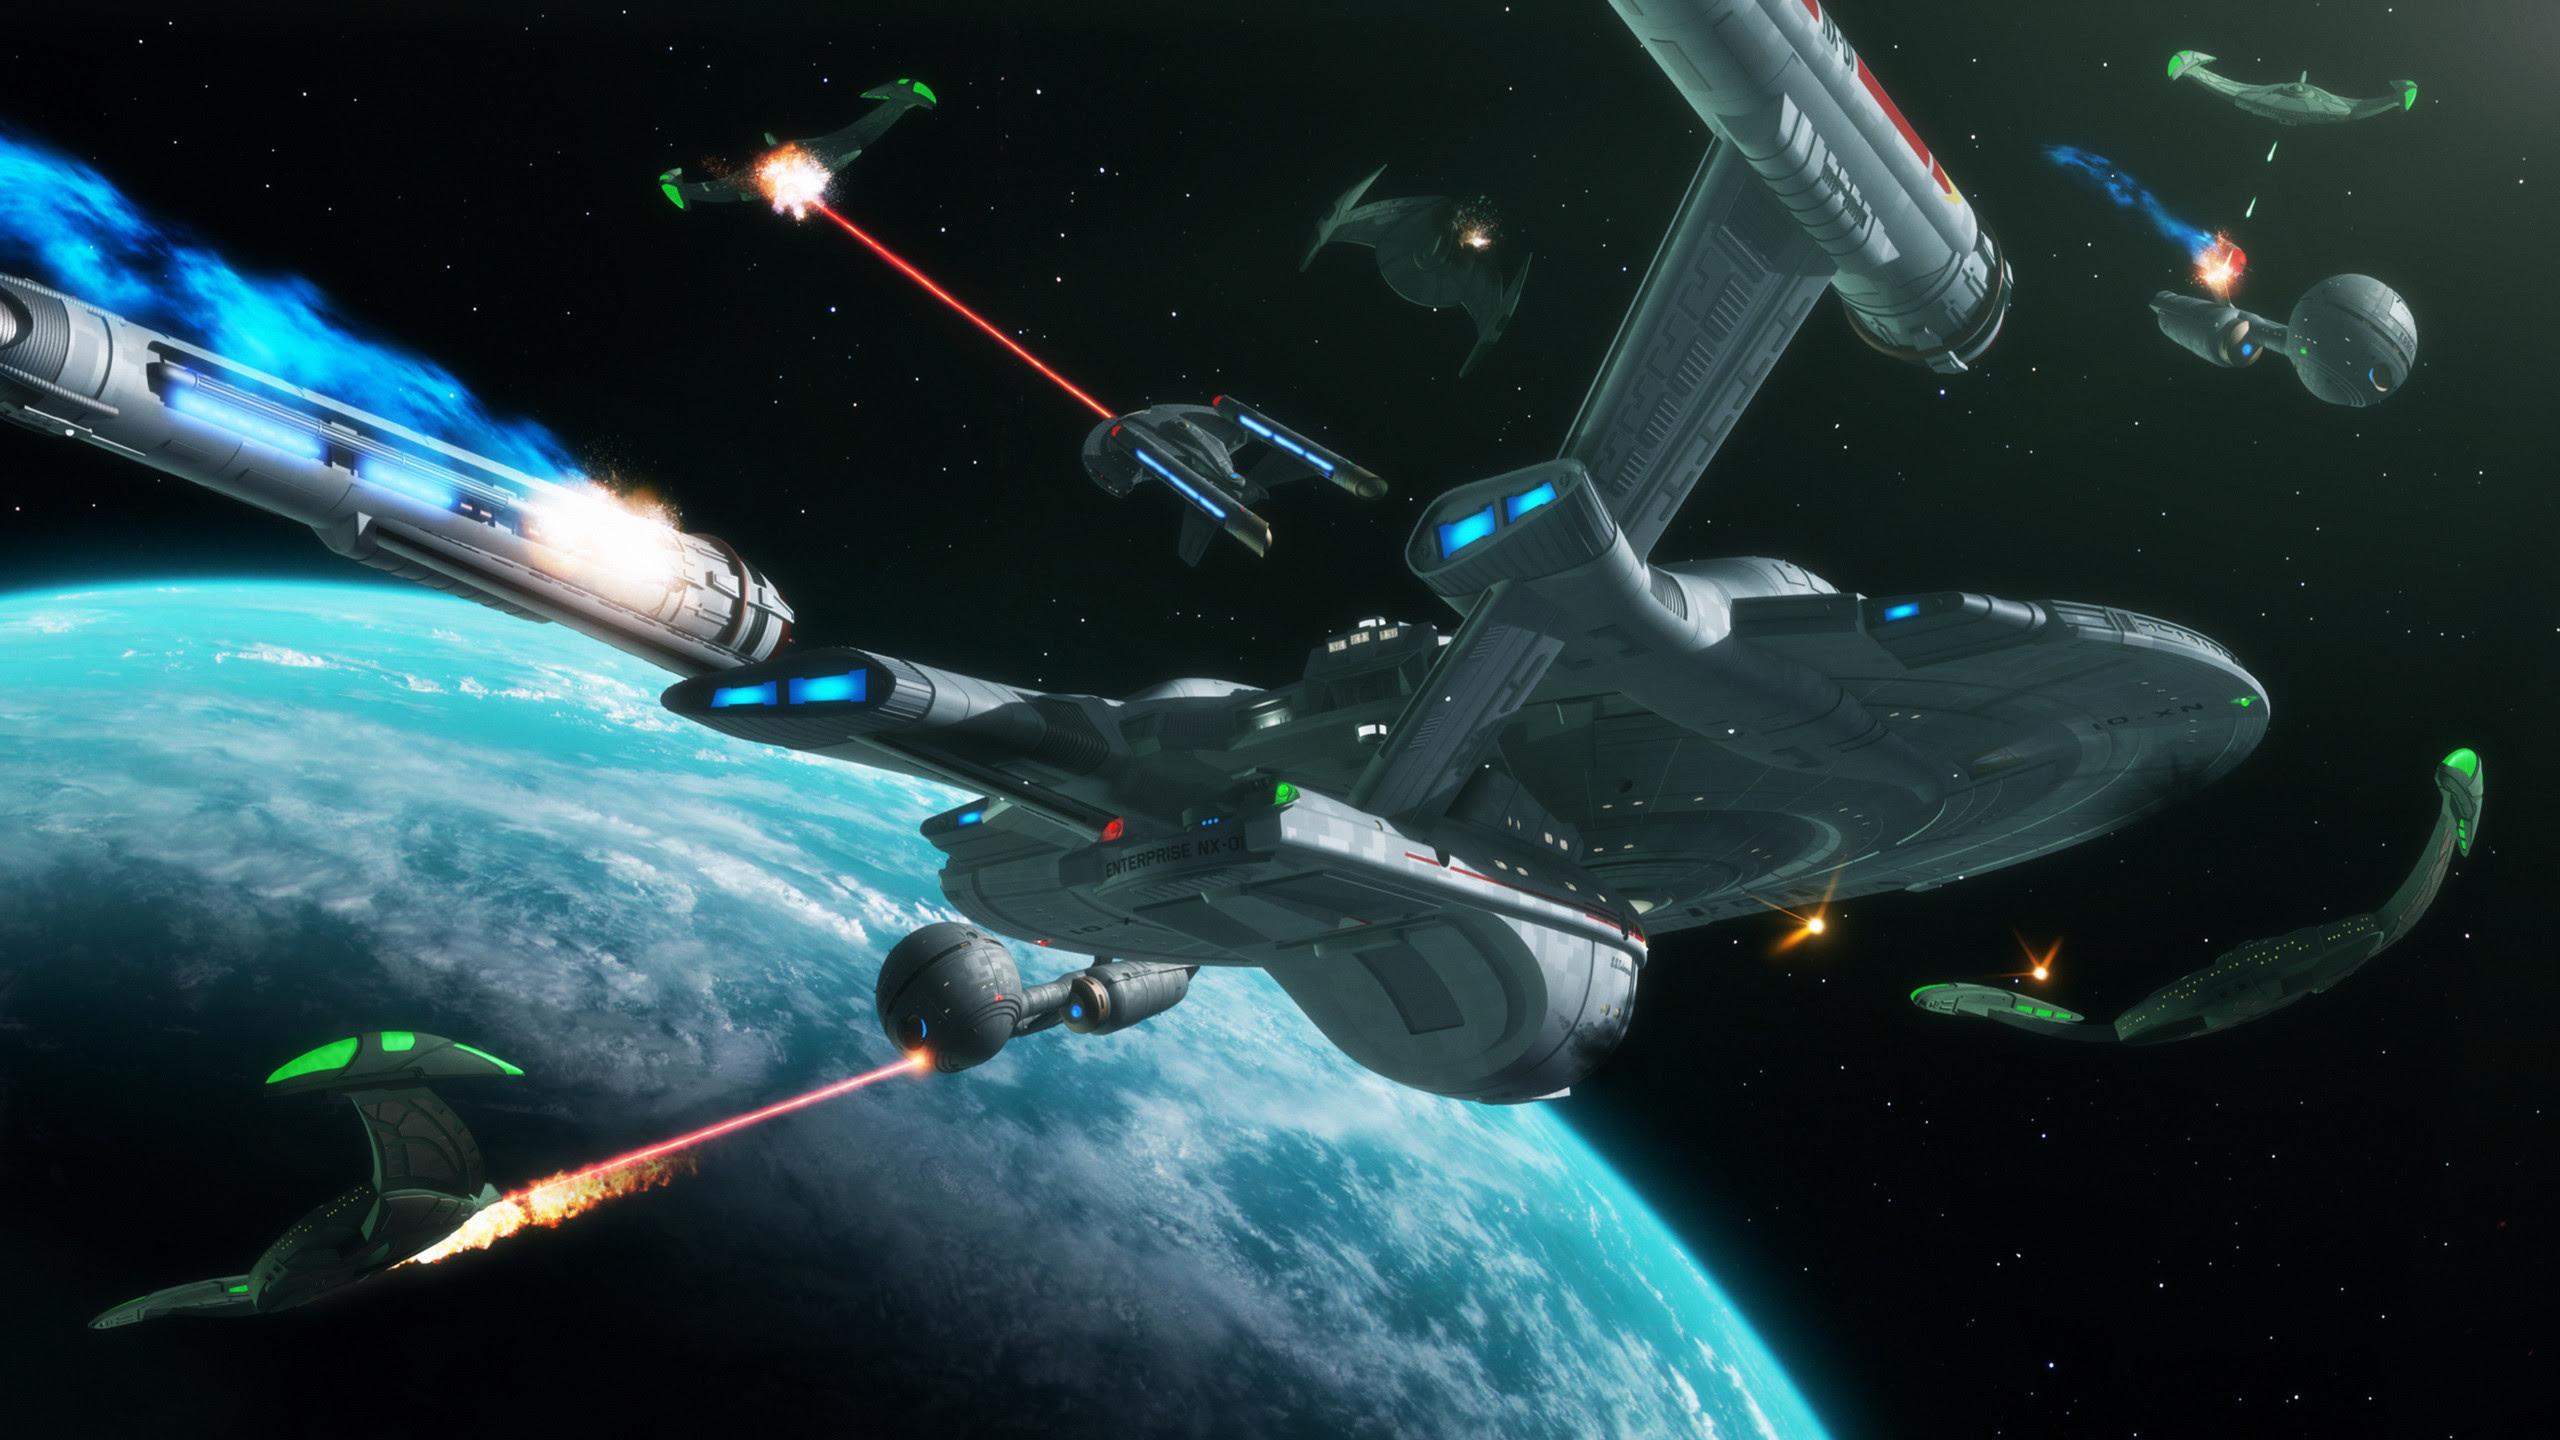 Star Trek Background Wallpaper 76 Images